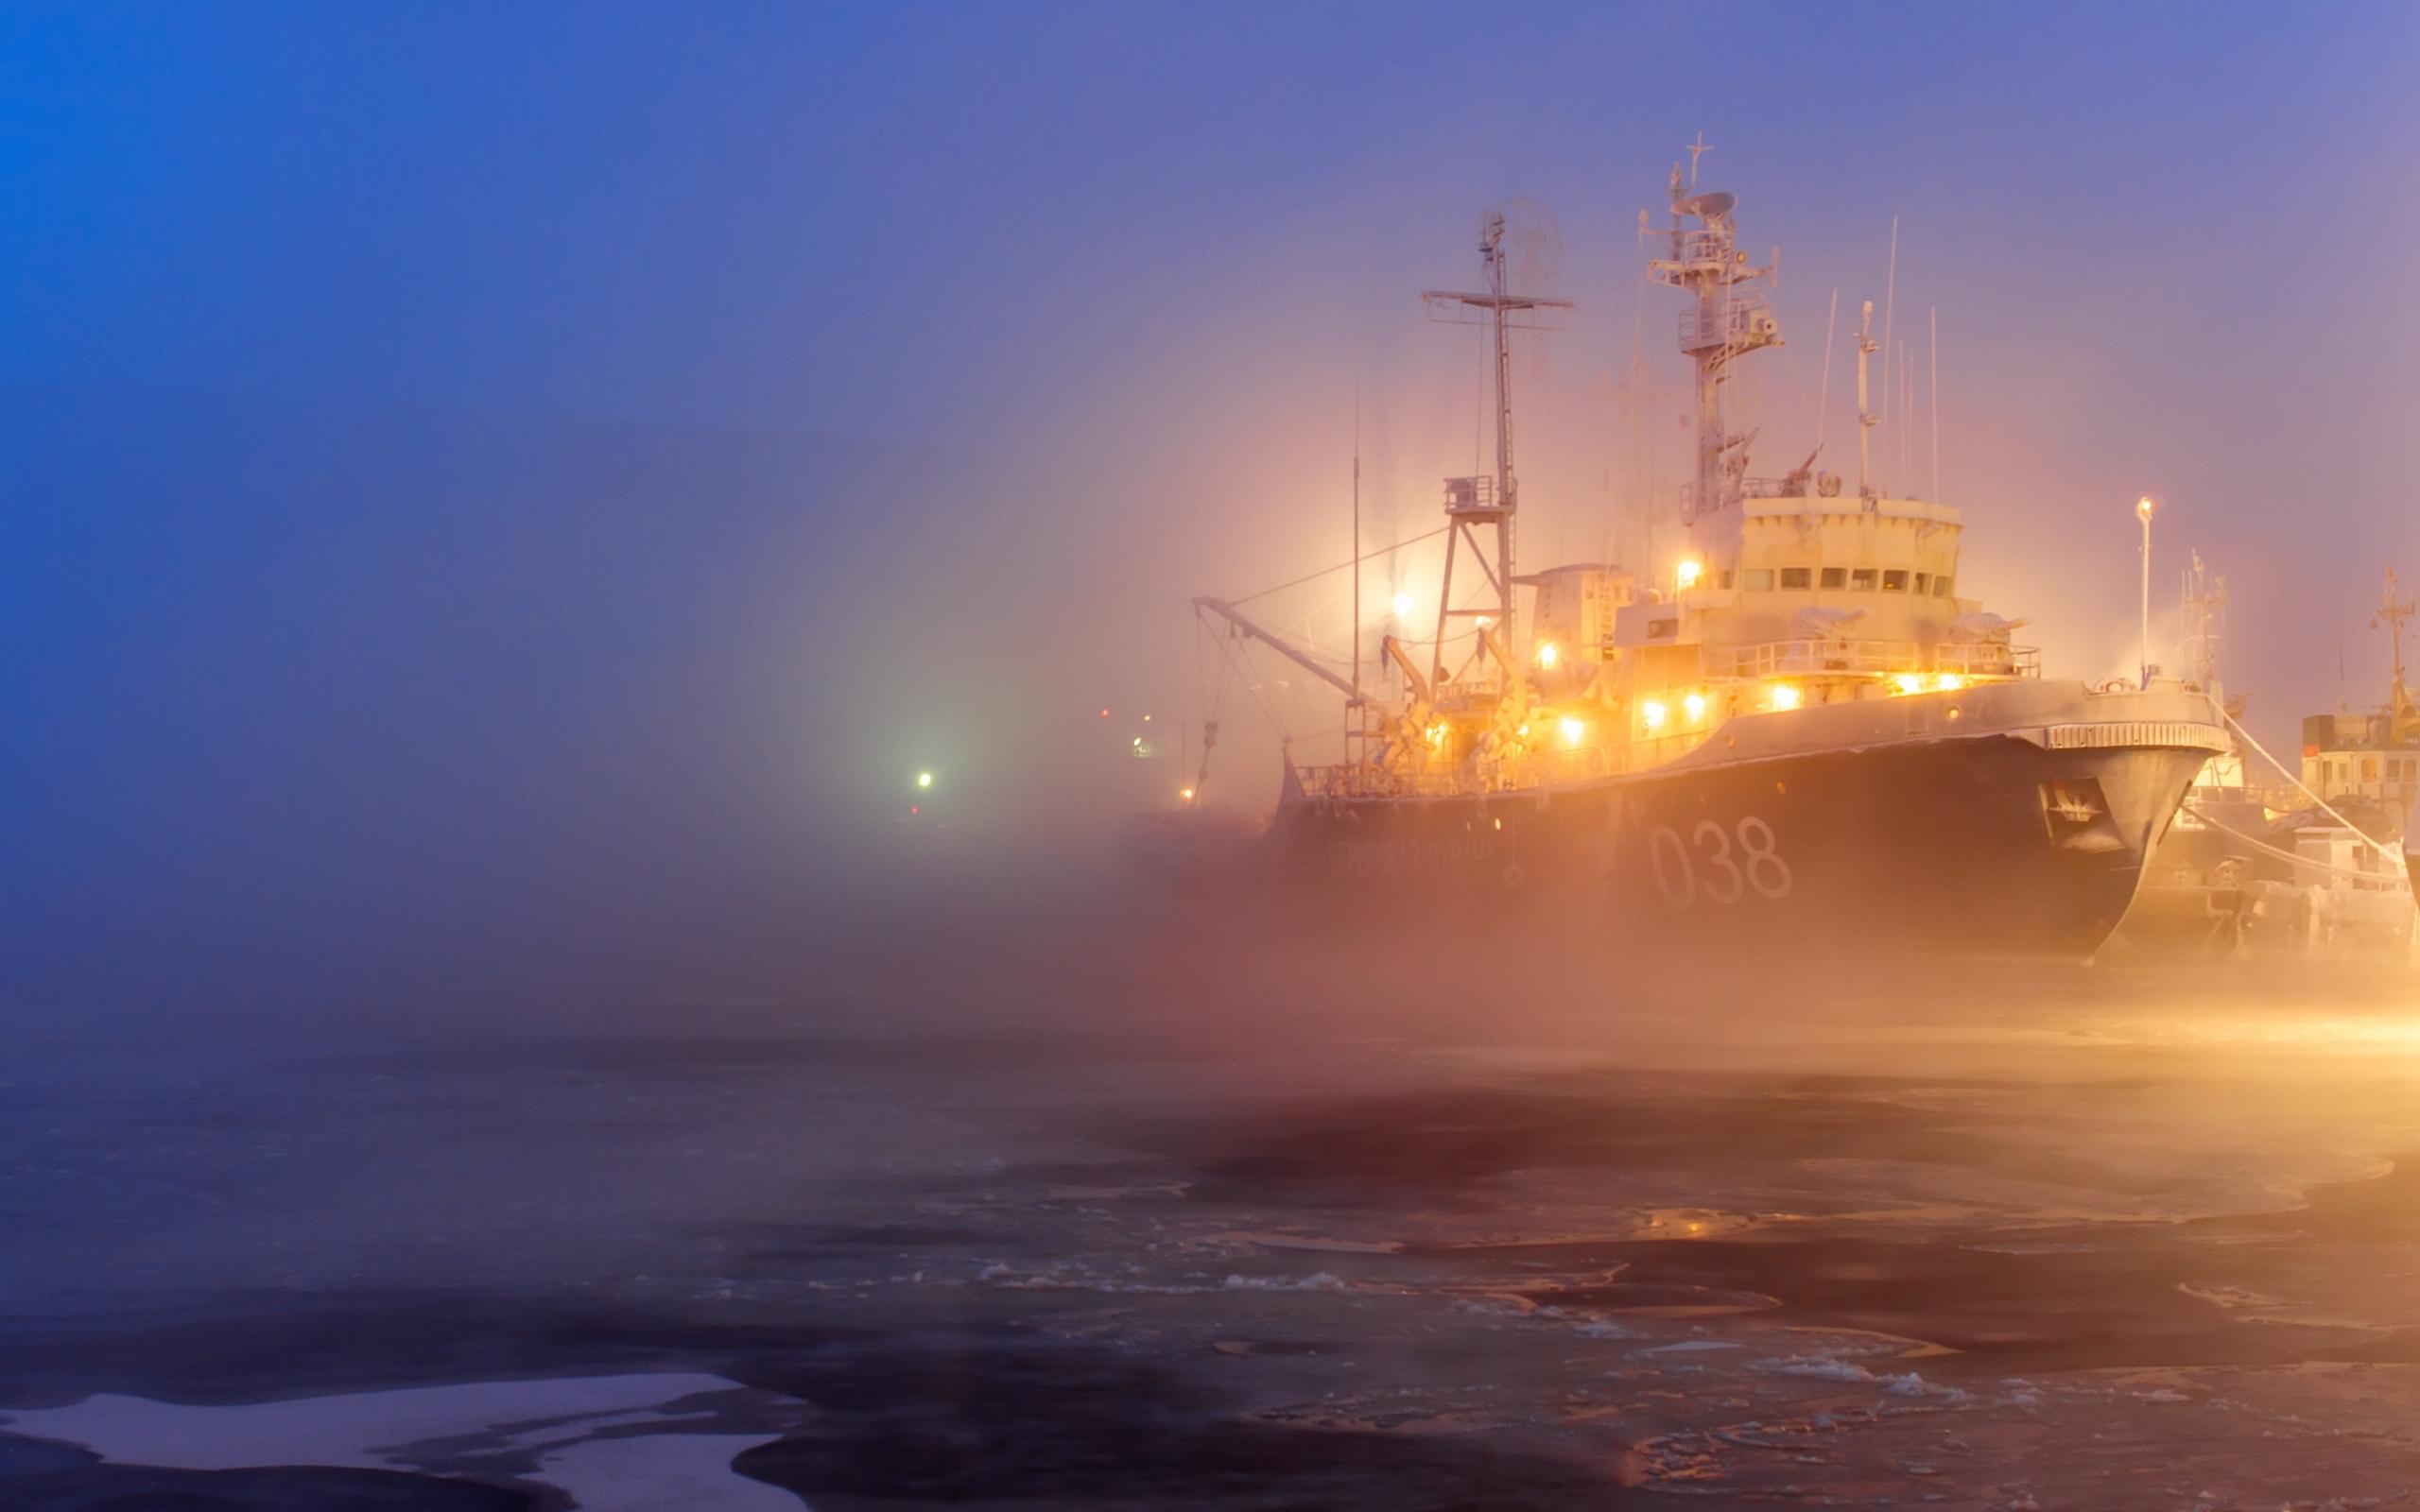 29483 скачать обои Транспорт, Корабли, Море - заставки и картинки бесплатно